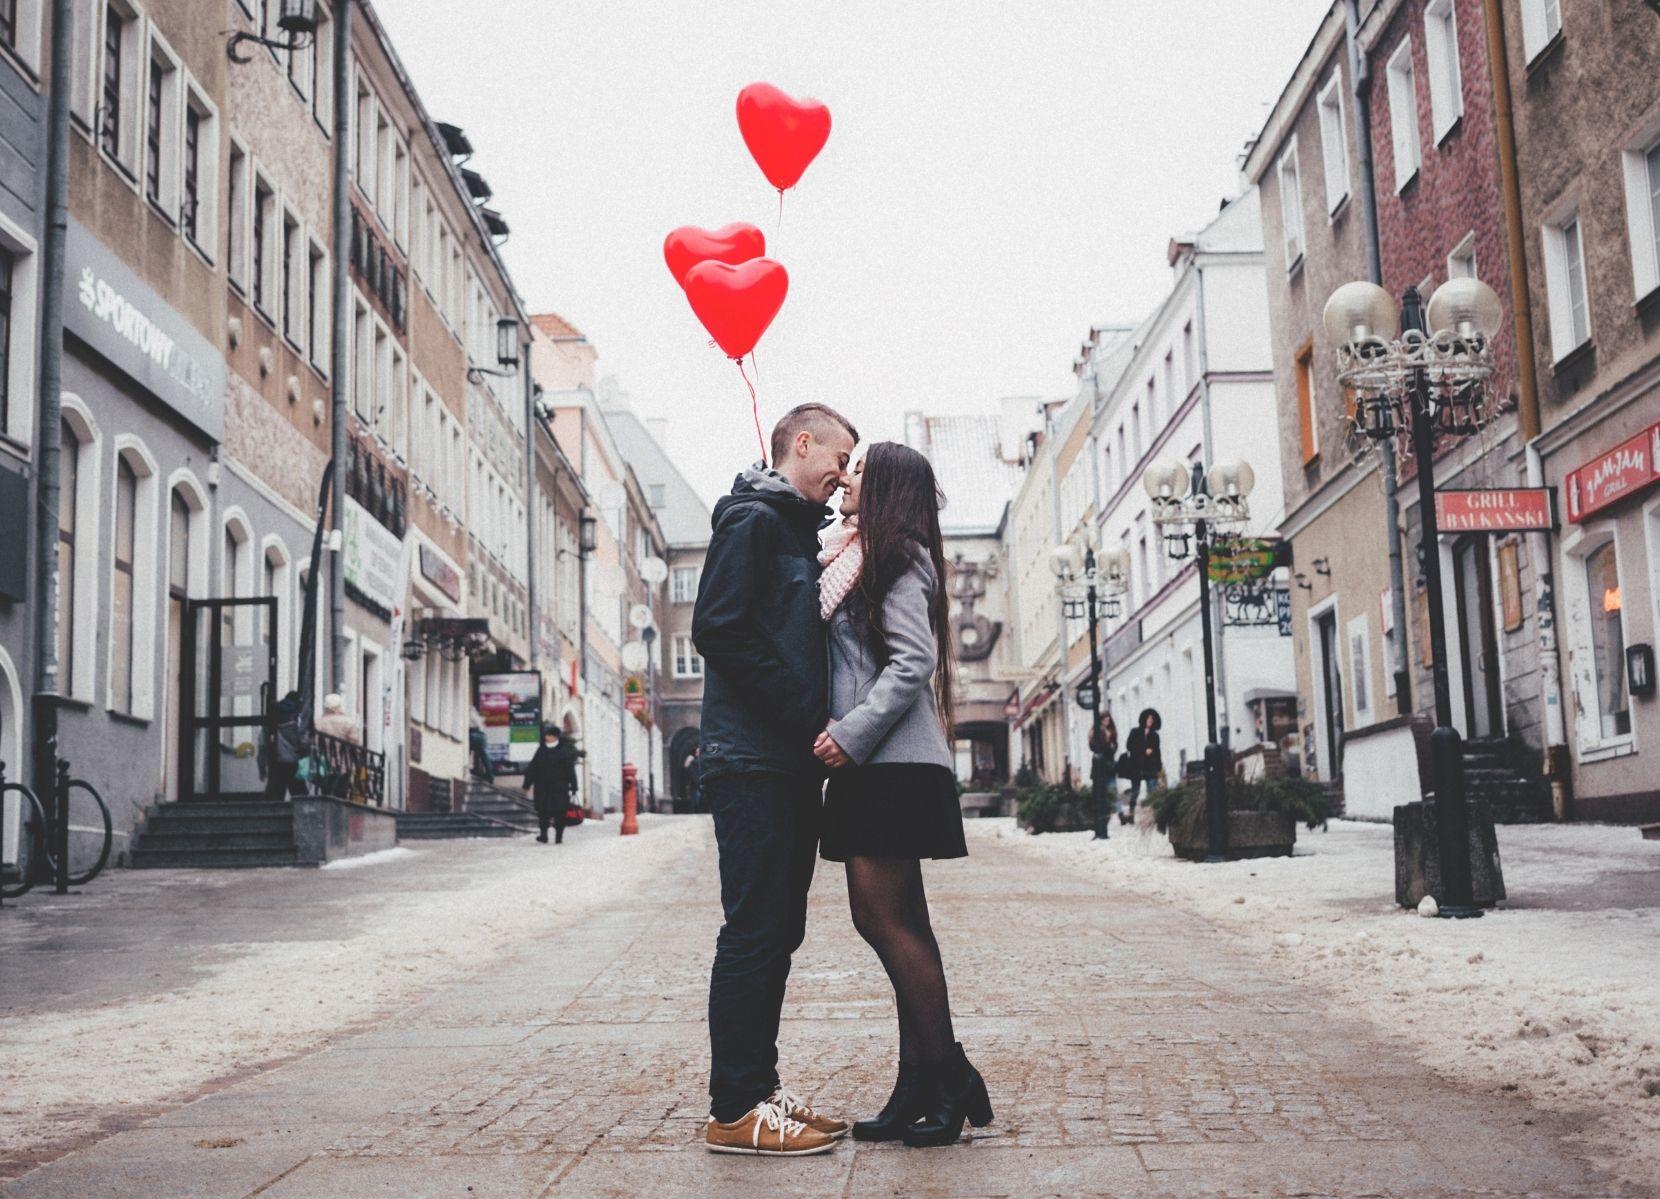 Hoe geef je met Valentijnsdag de mensen een lach op het gezicht?